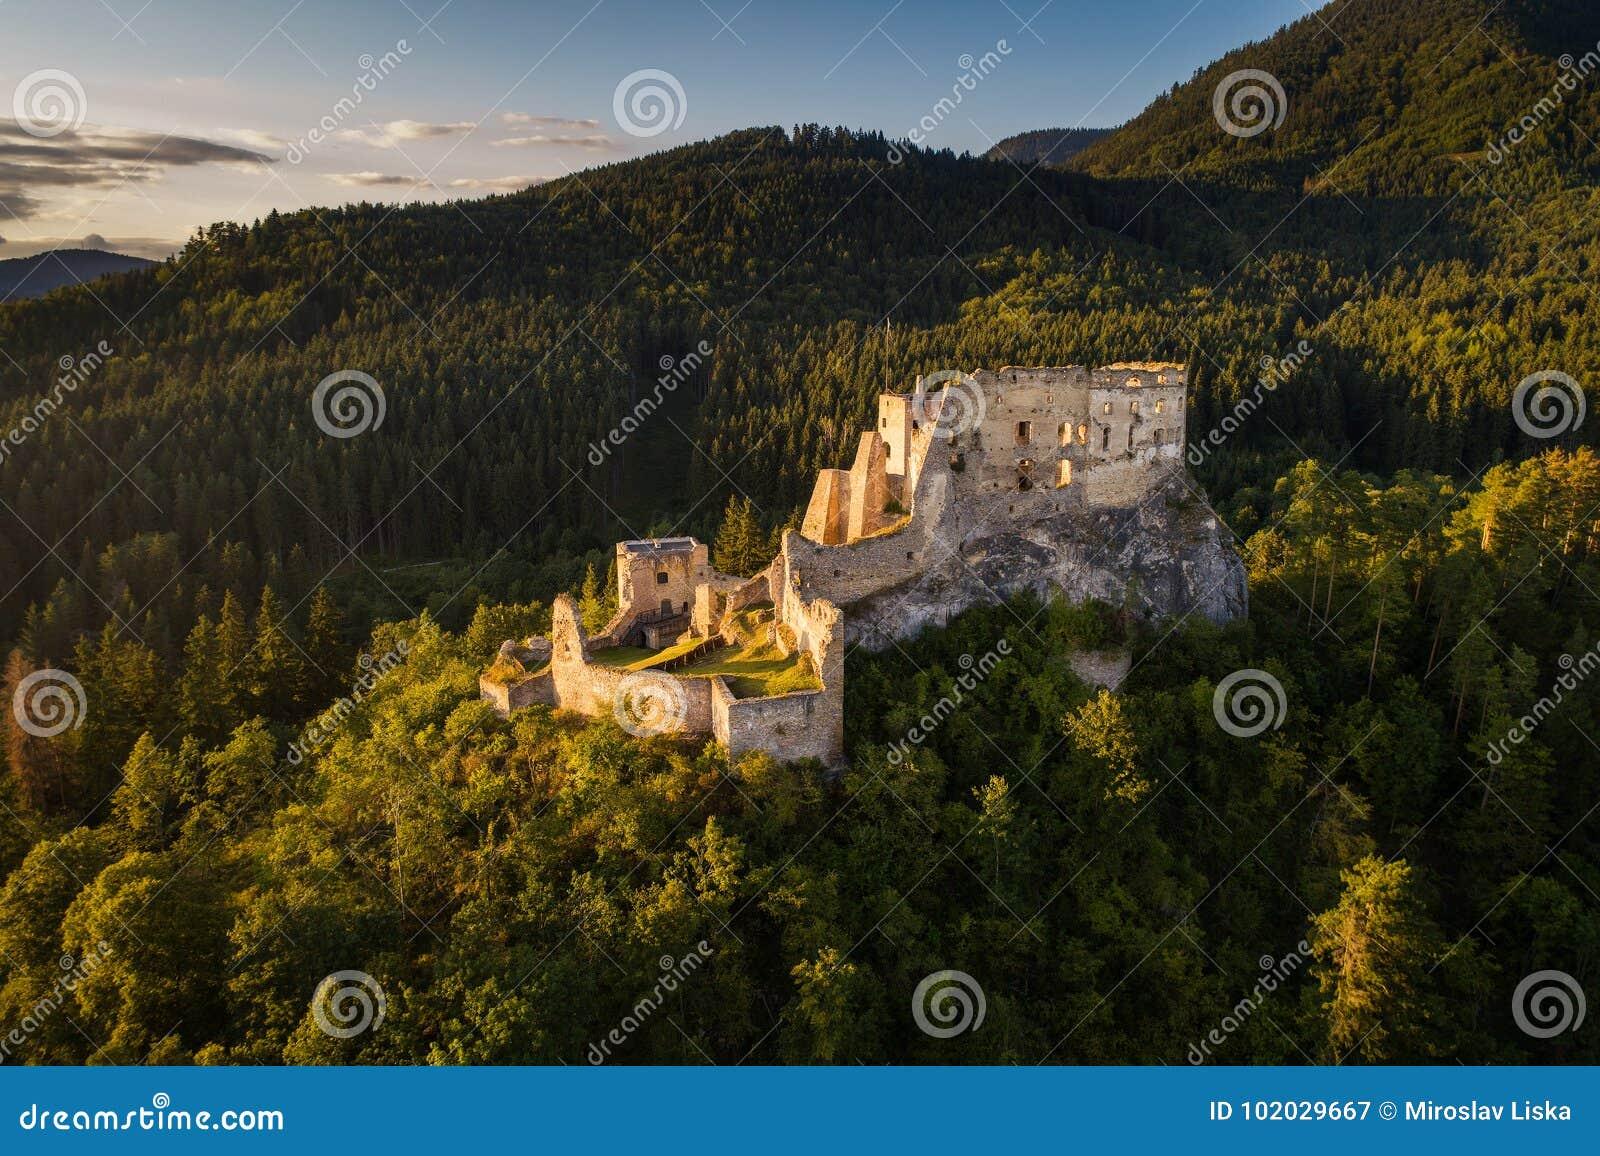 Verlaten ruïnes van een middeleeuws kasteel in het bos